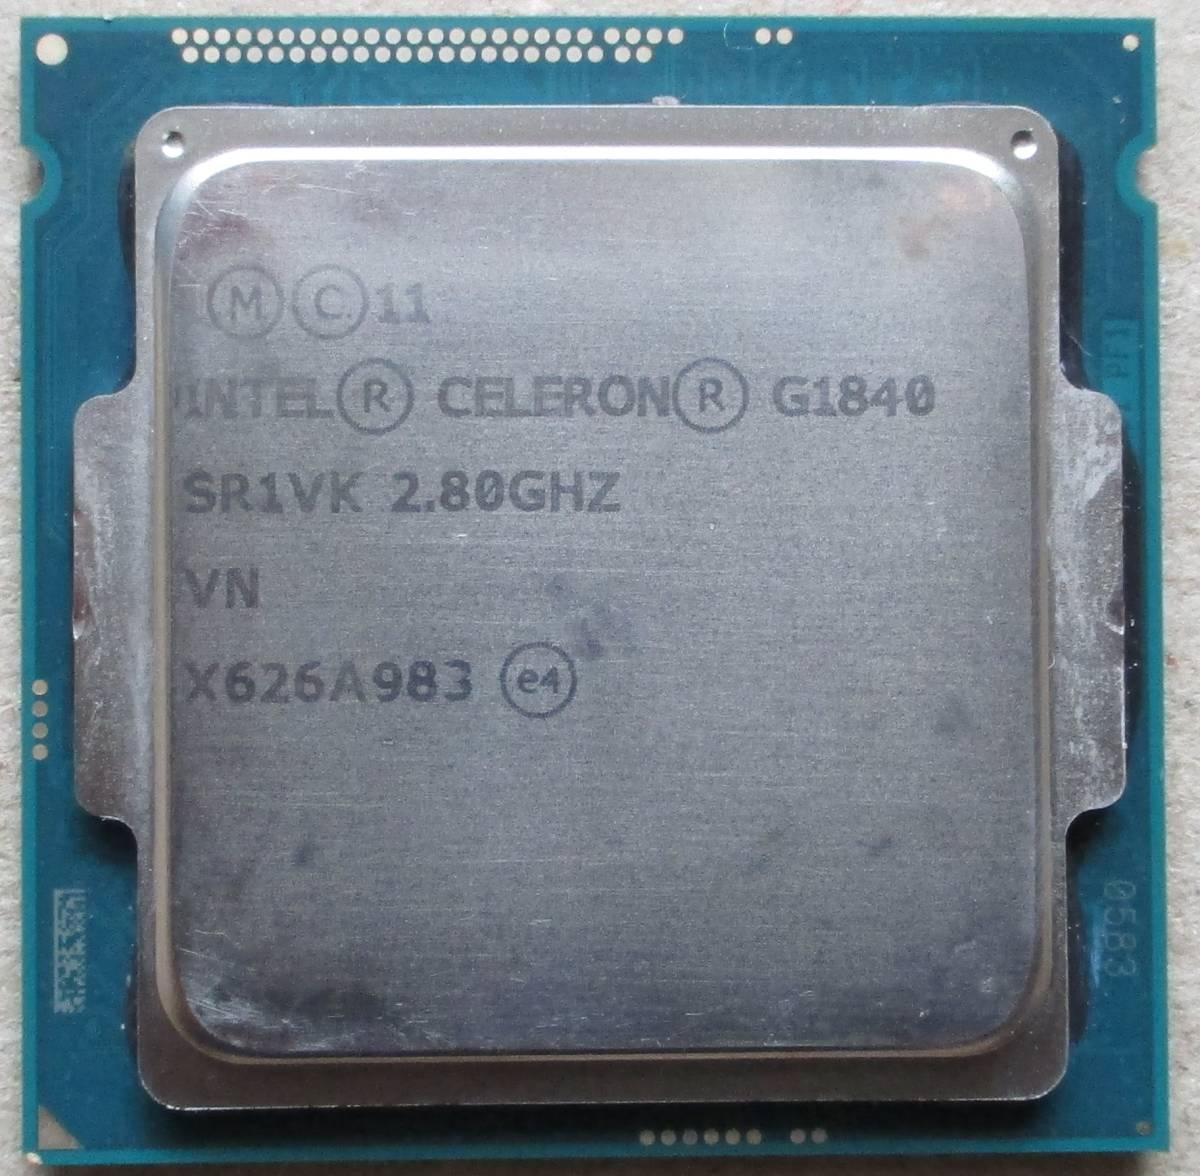 MSI Mini-ITXマザボード[H81I]+INTEL Celeron G1840 2.8GHz (LGA1150) 簡易動作確認済み中古品_画像3